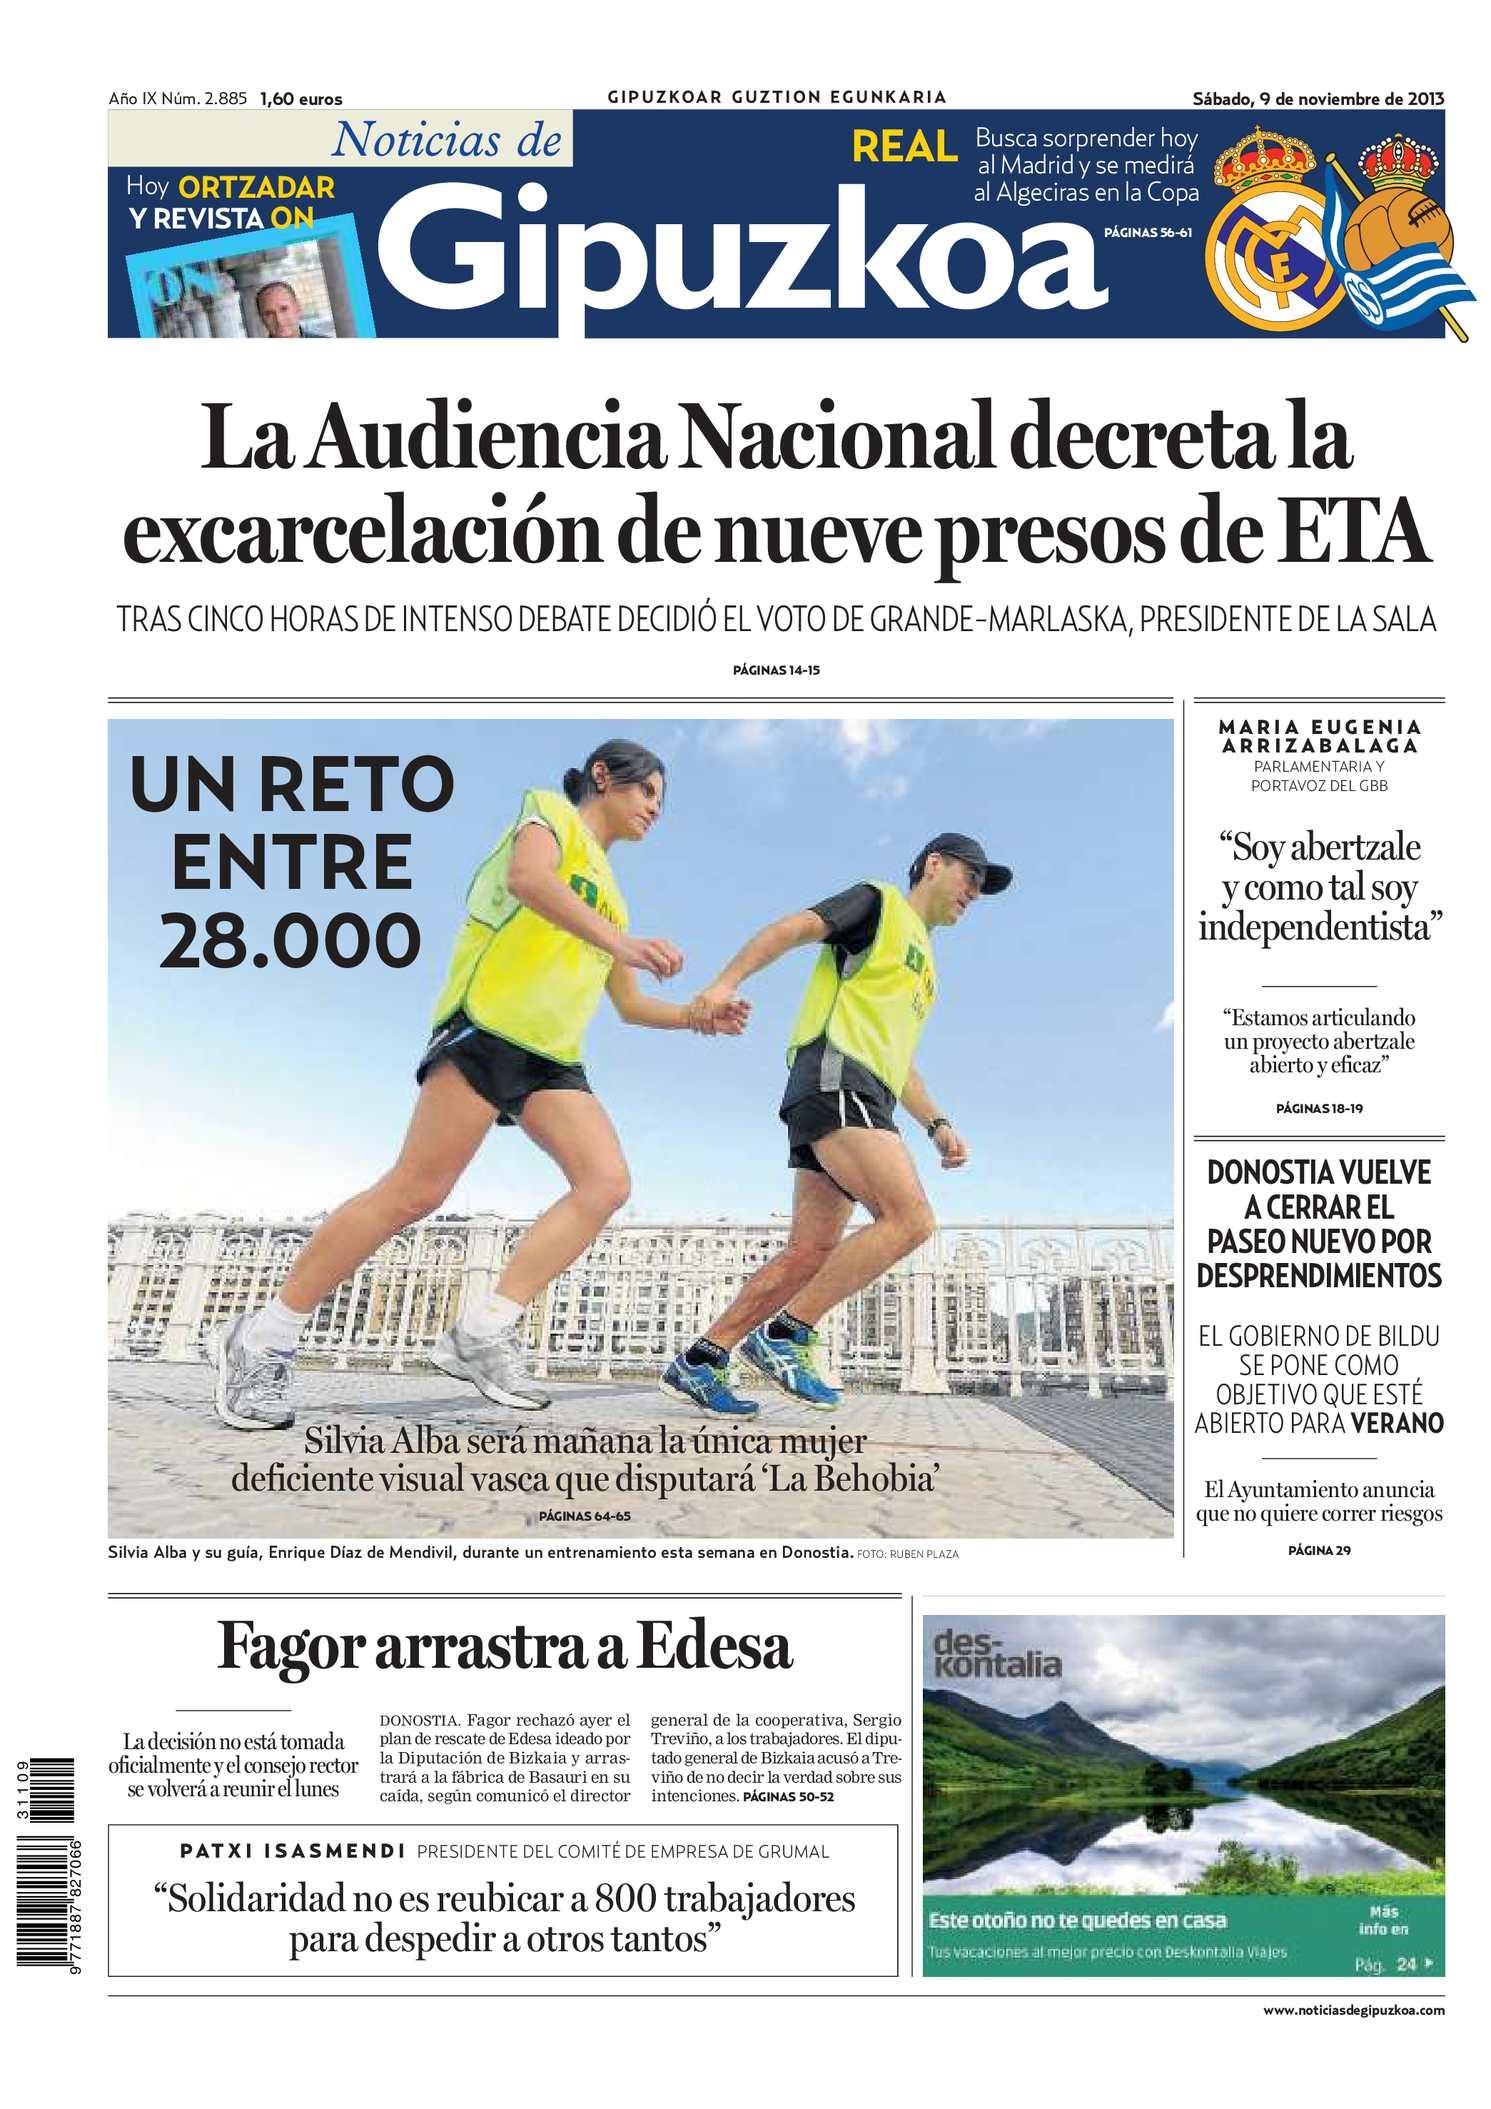 Calaméo - Noticias de Gipuzkoa 20131109